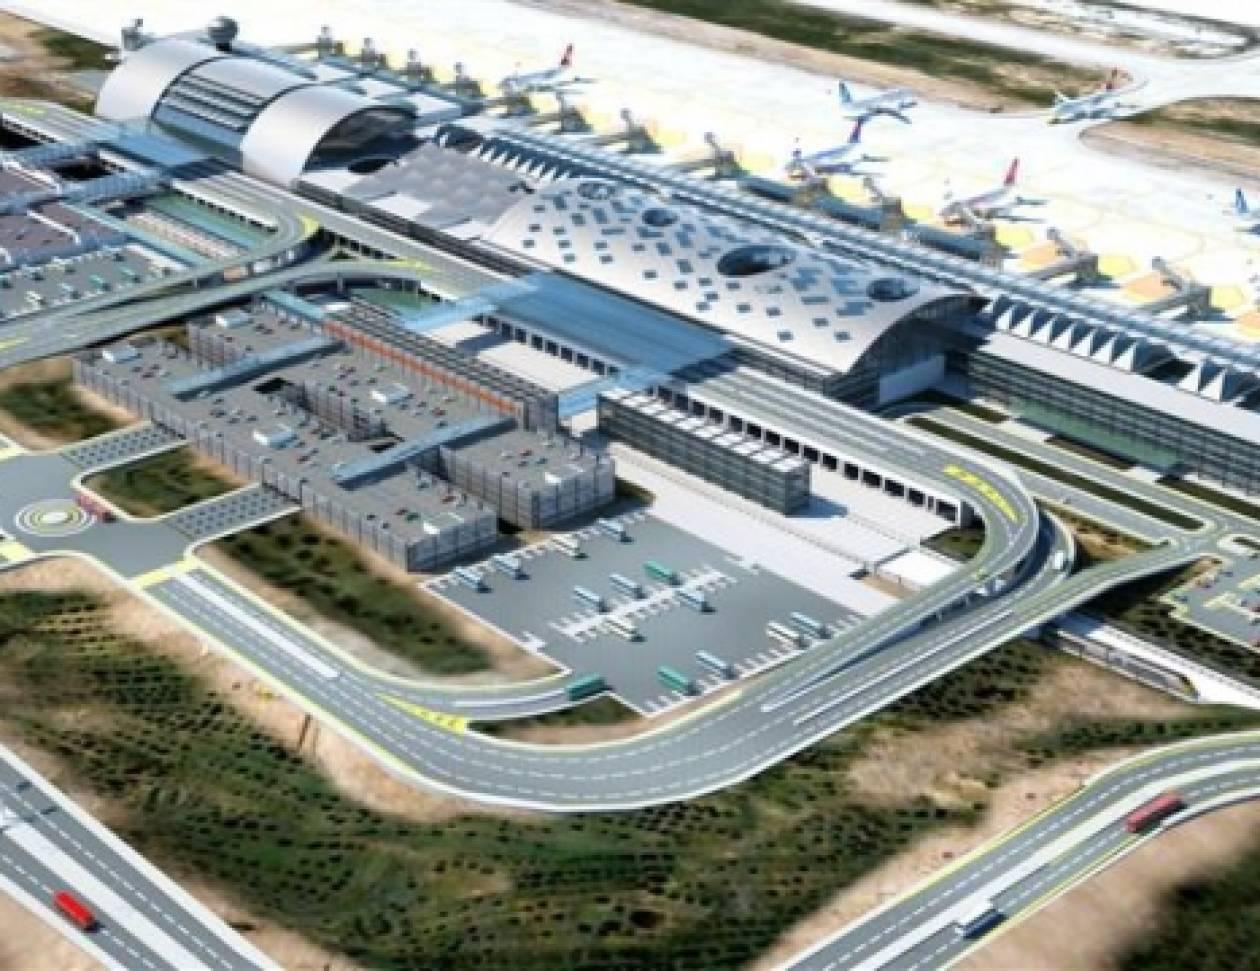 Το μεγαλύτερο αεροδρόμιο του κόσμου θέλει να φτιάξει η Τουρκία